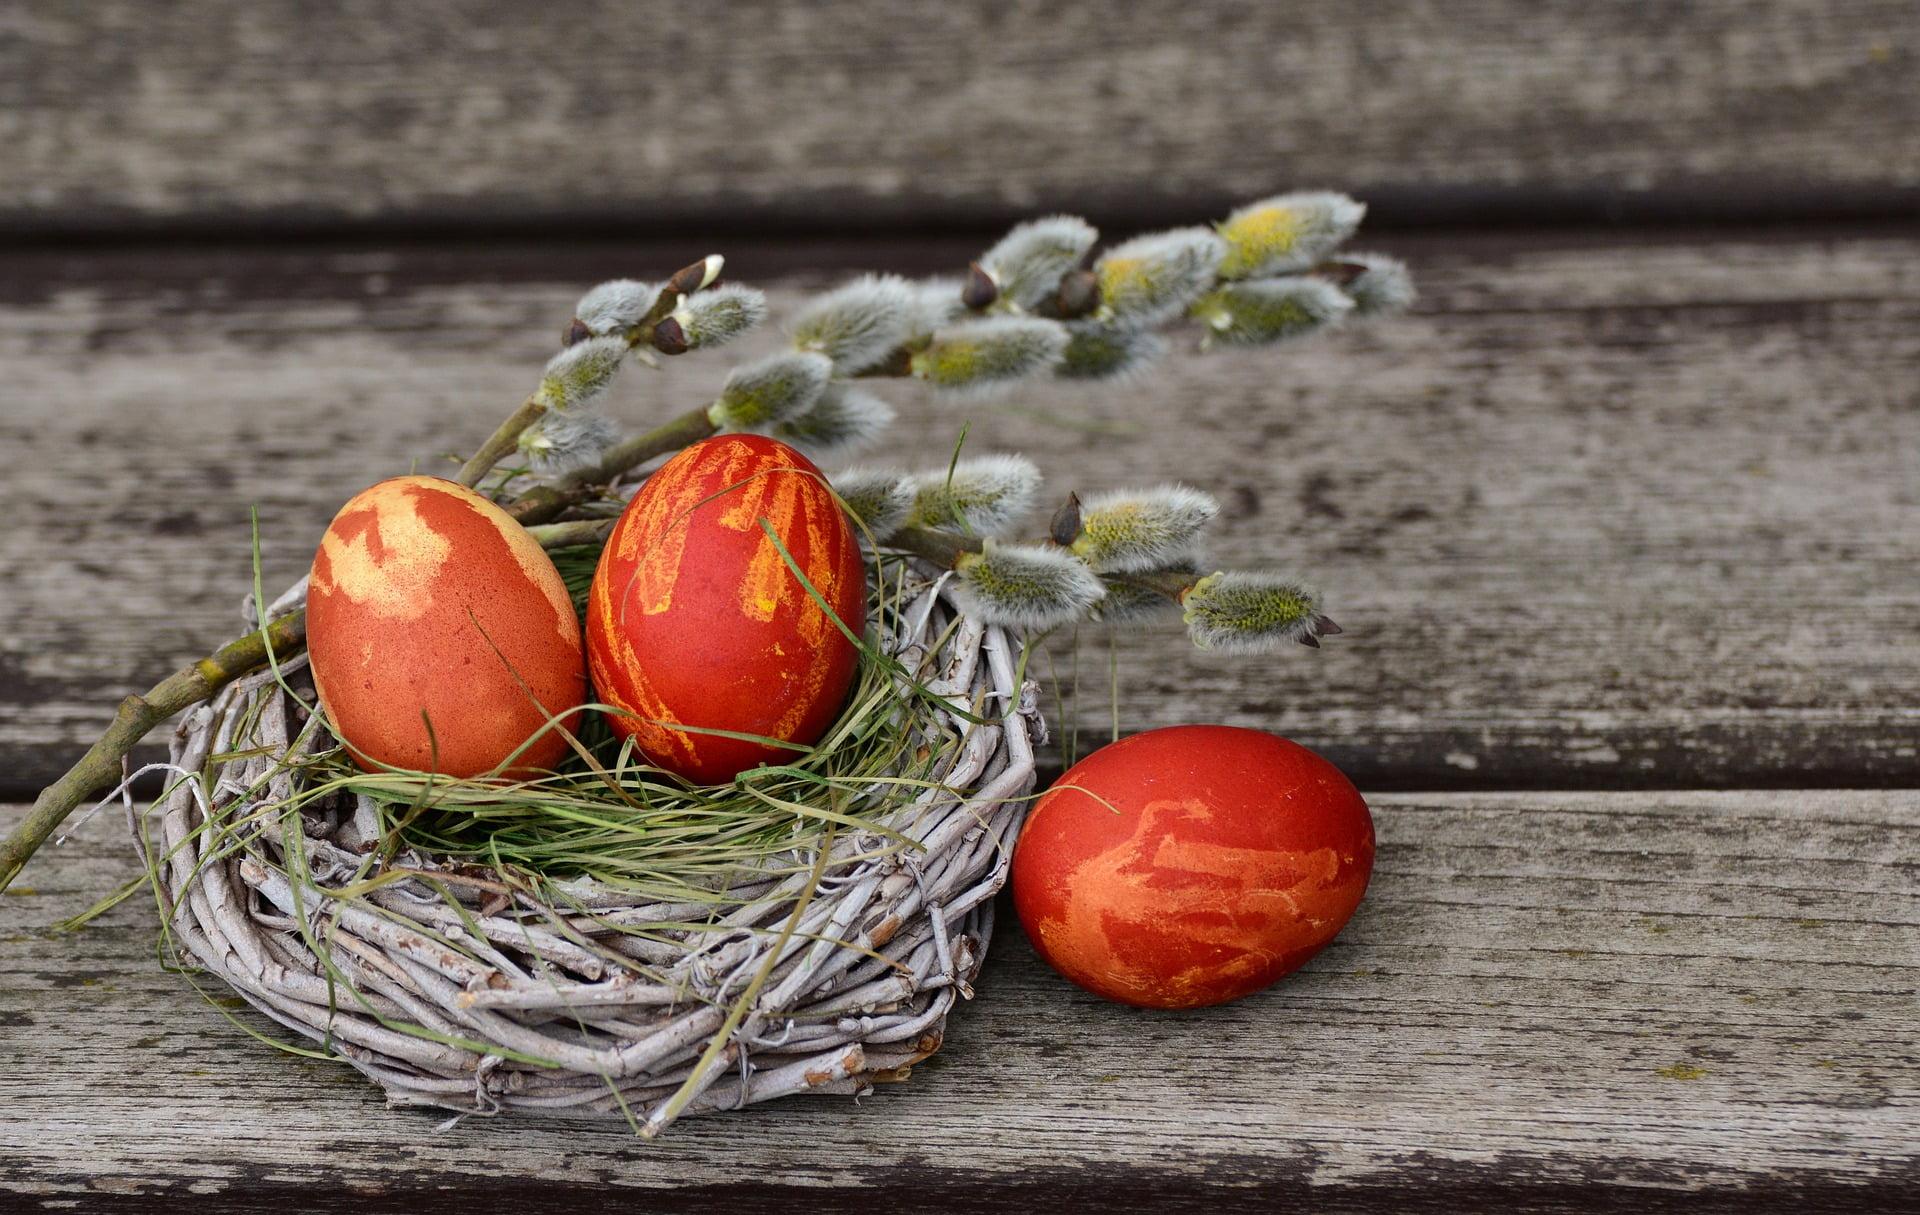 Îți amintești cum încondeiau și vopseau ouăle bunicile noastre? – guest post Cristina Gherghel